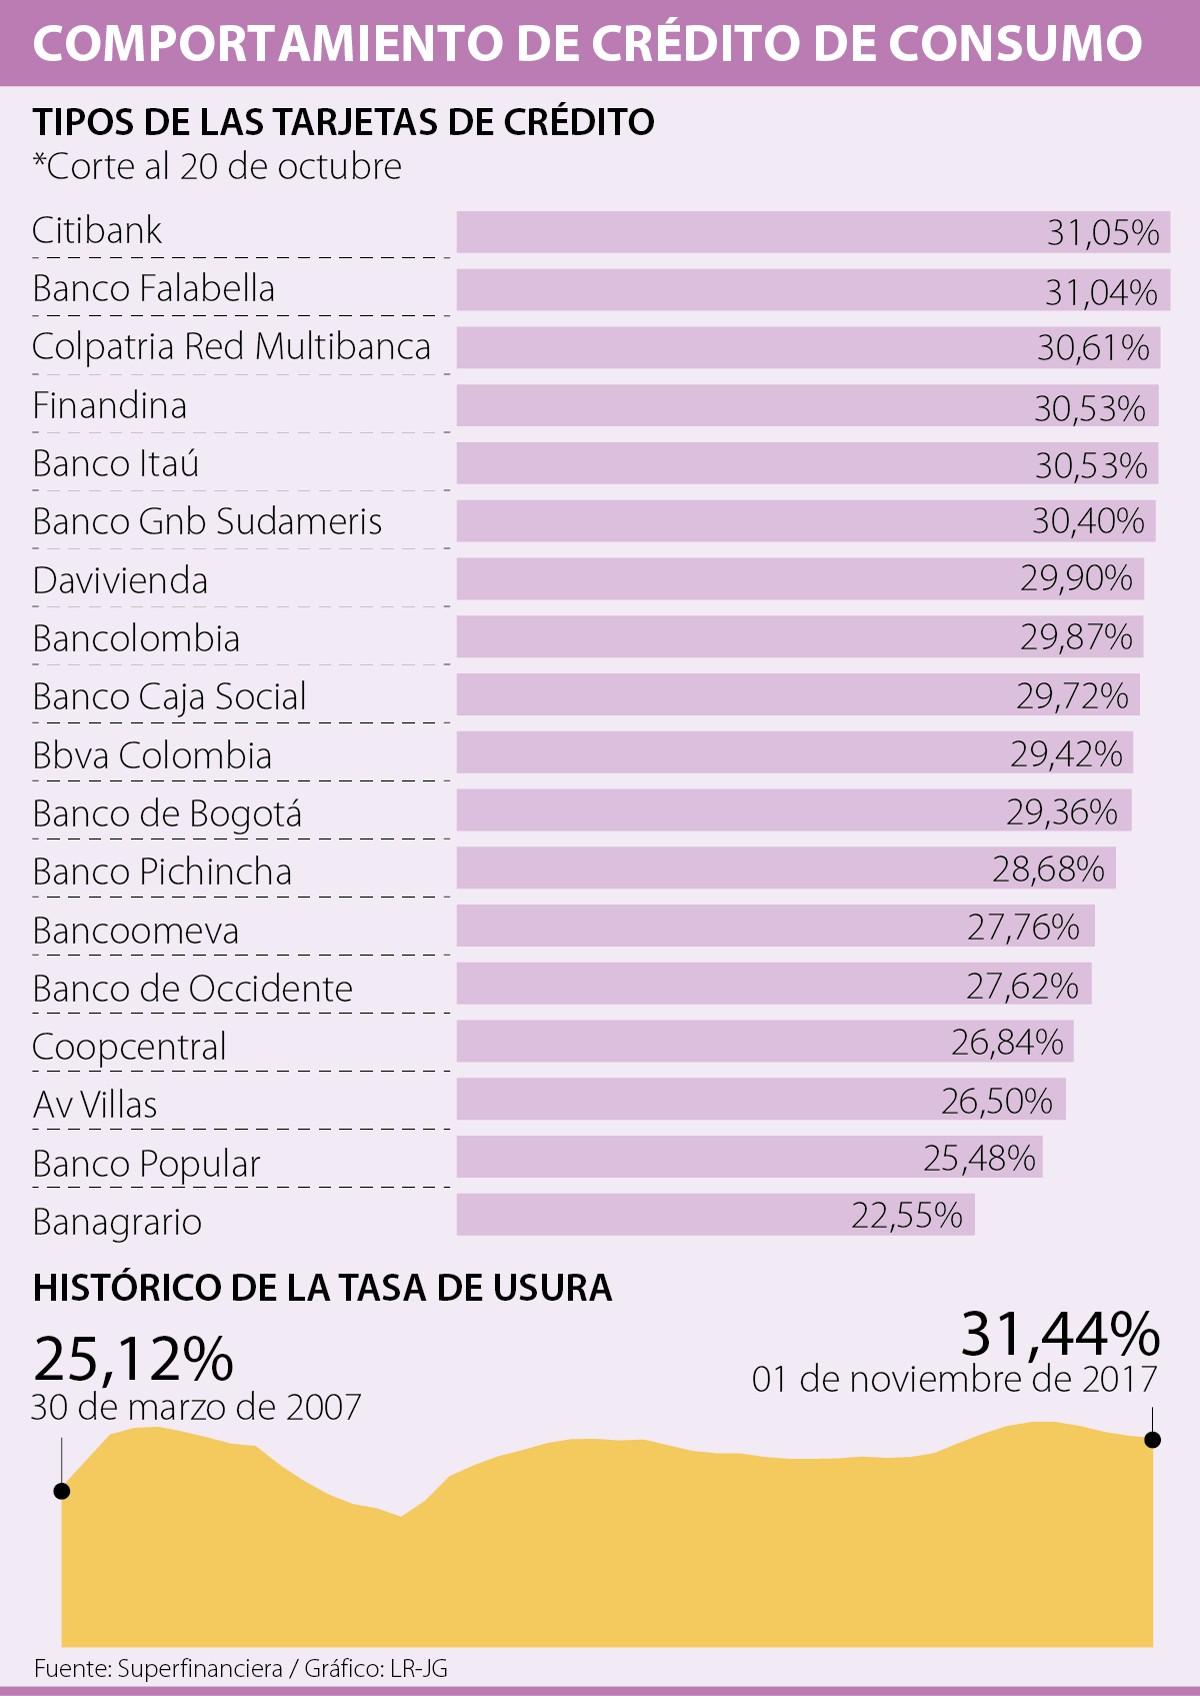 Finanzas TasaUsura pag25